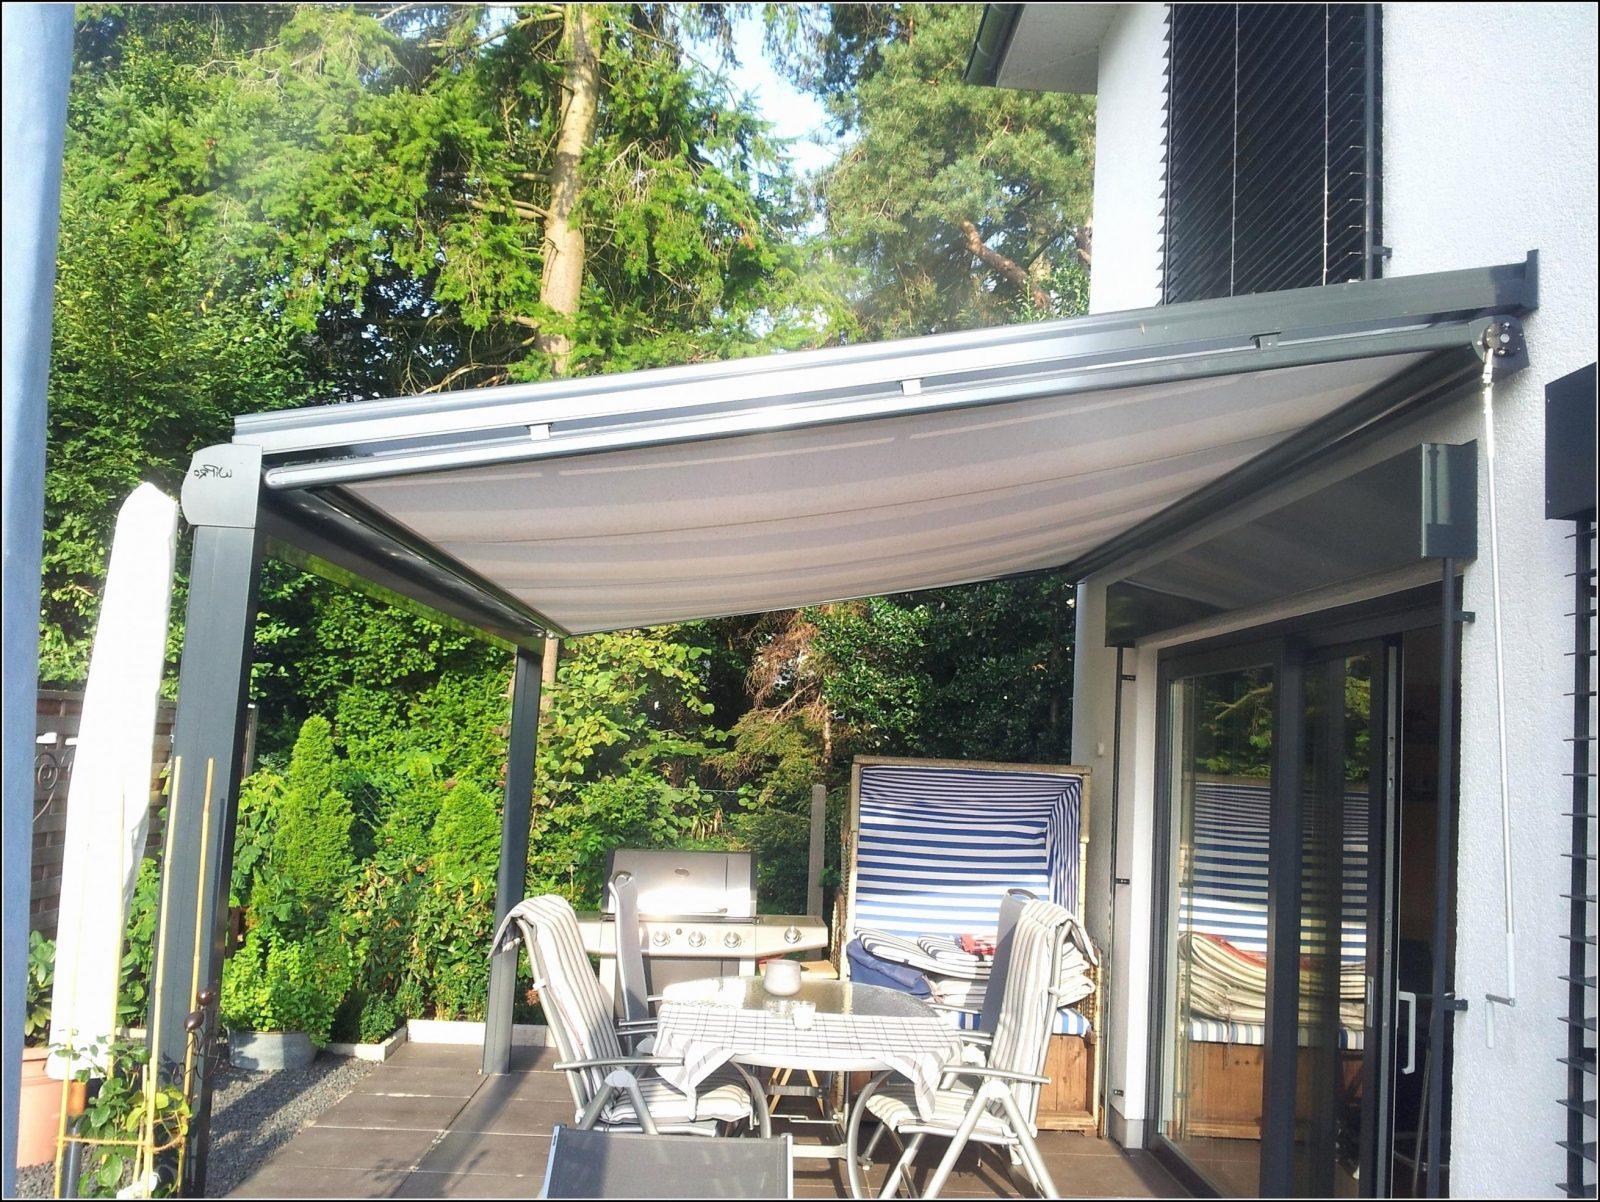 Pergola Selber Bauen Terrasse Schön Sichtschutzzaun Terrasse Beste von Pergola Selber Bauen Terrasse Photo